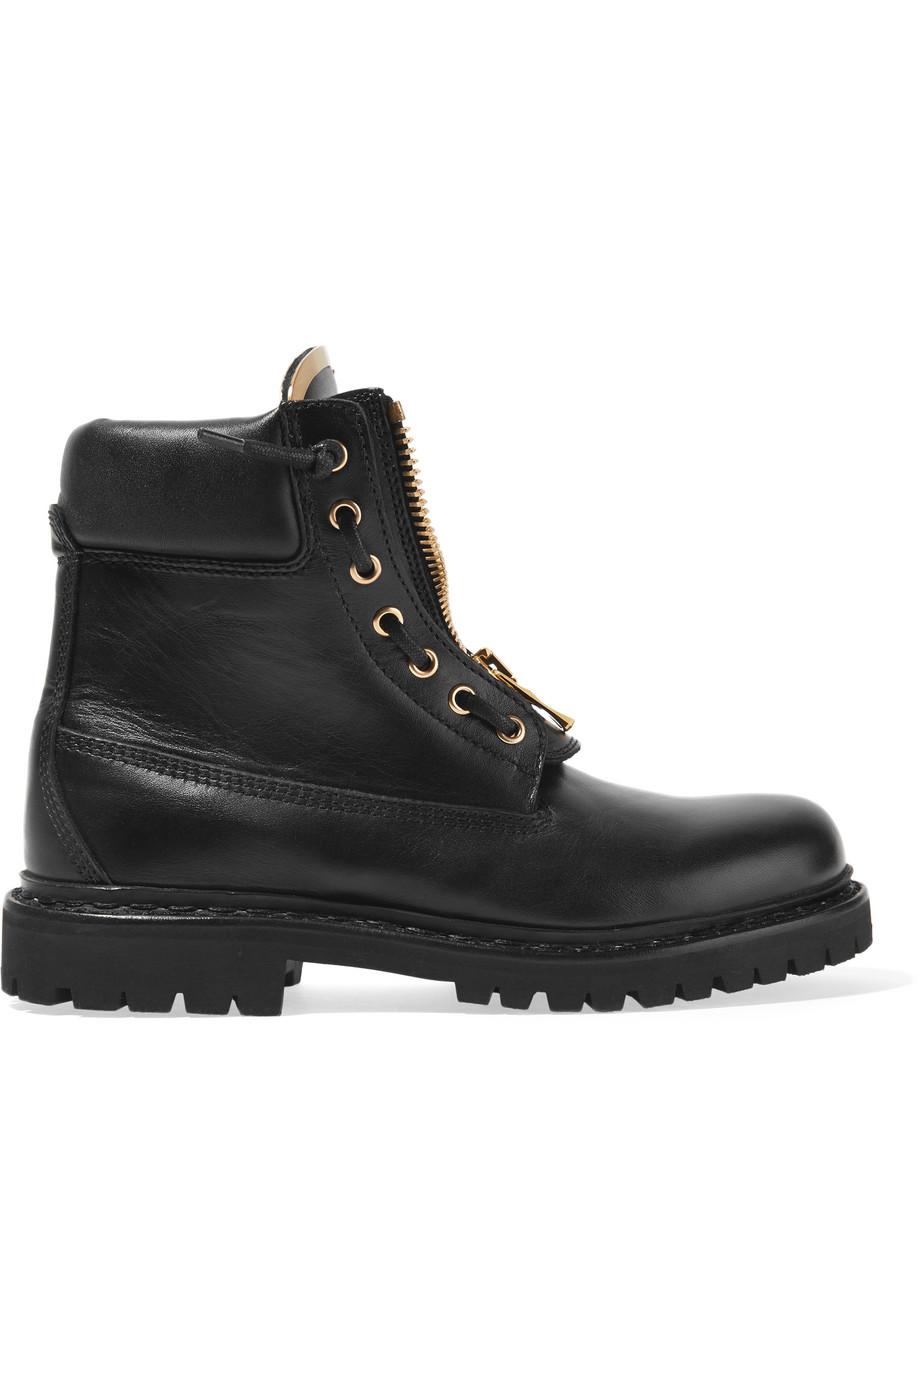 Balmain Leather Combat Boots, Black, Women's US Size: 7.5, Size: 39